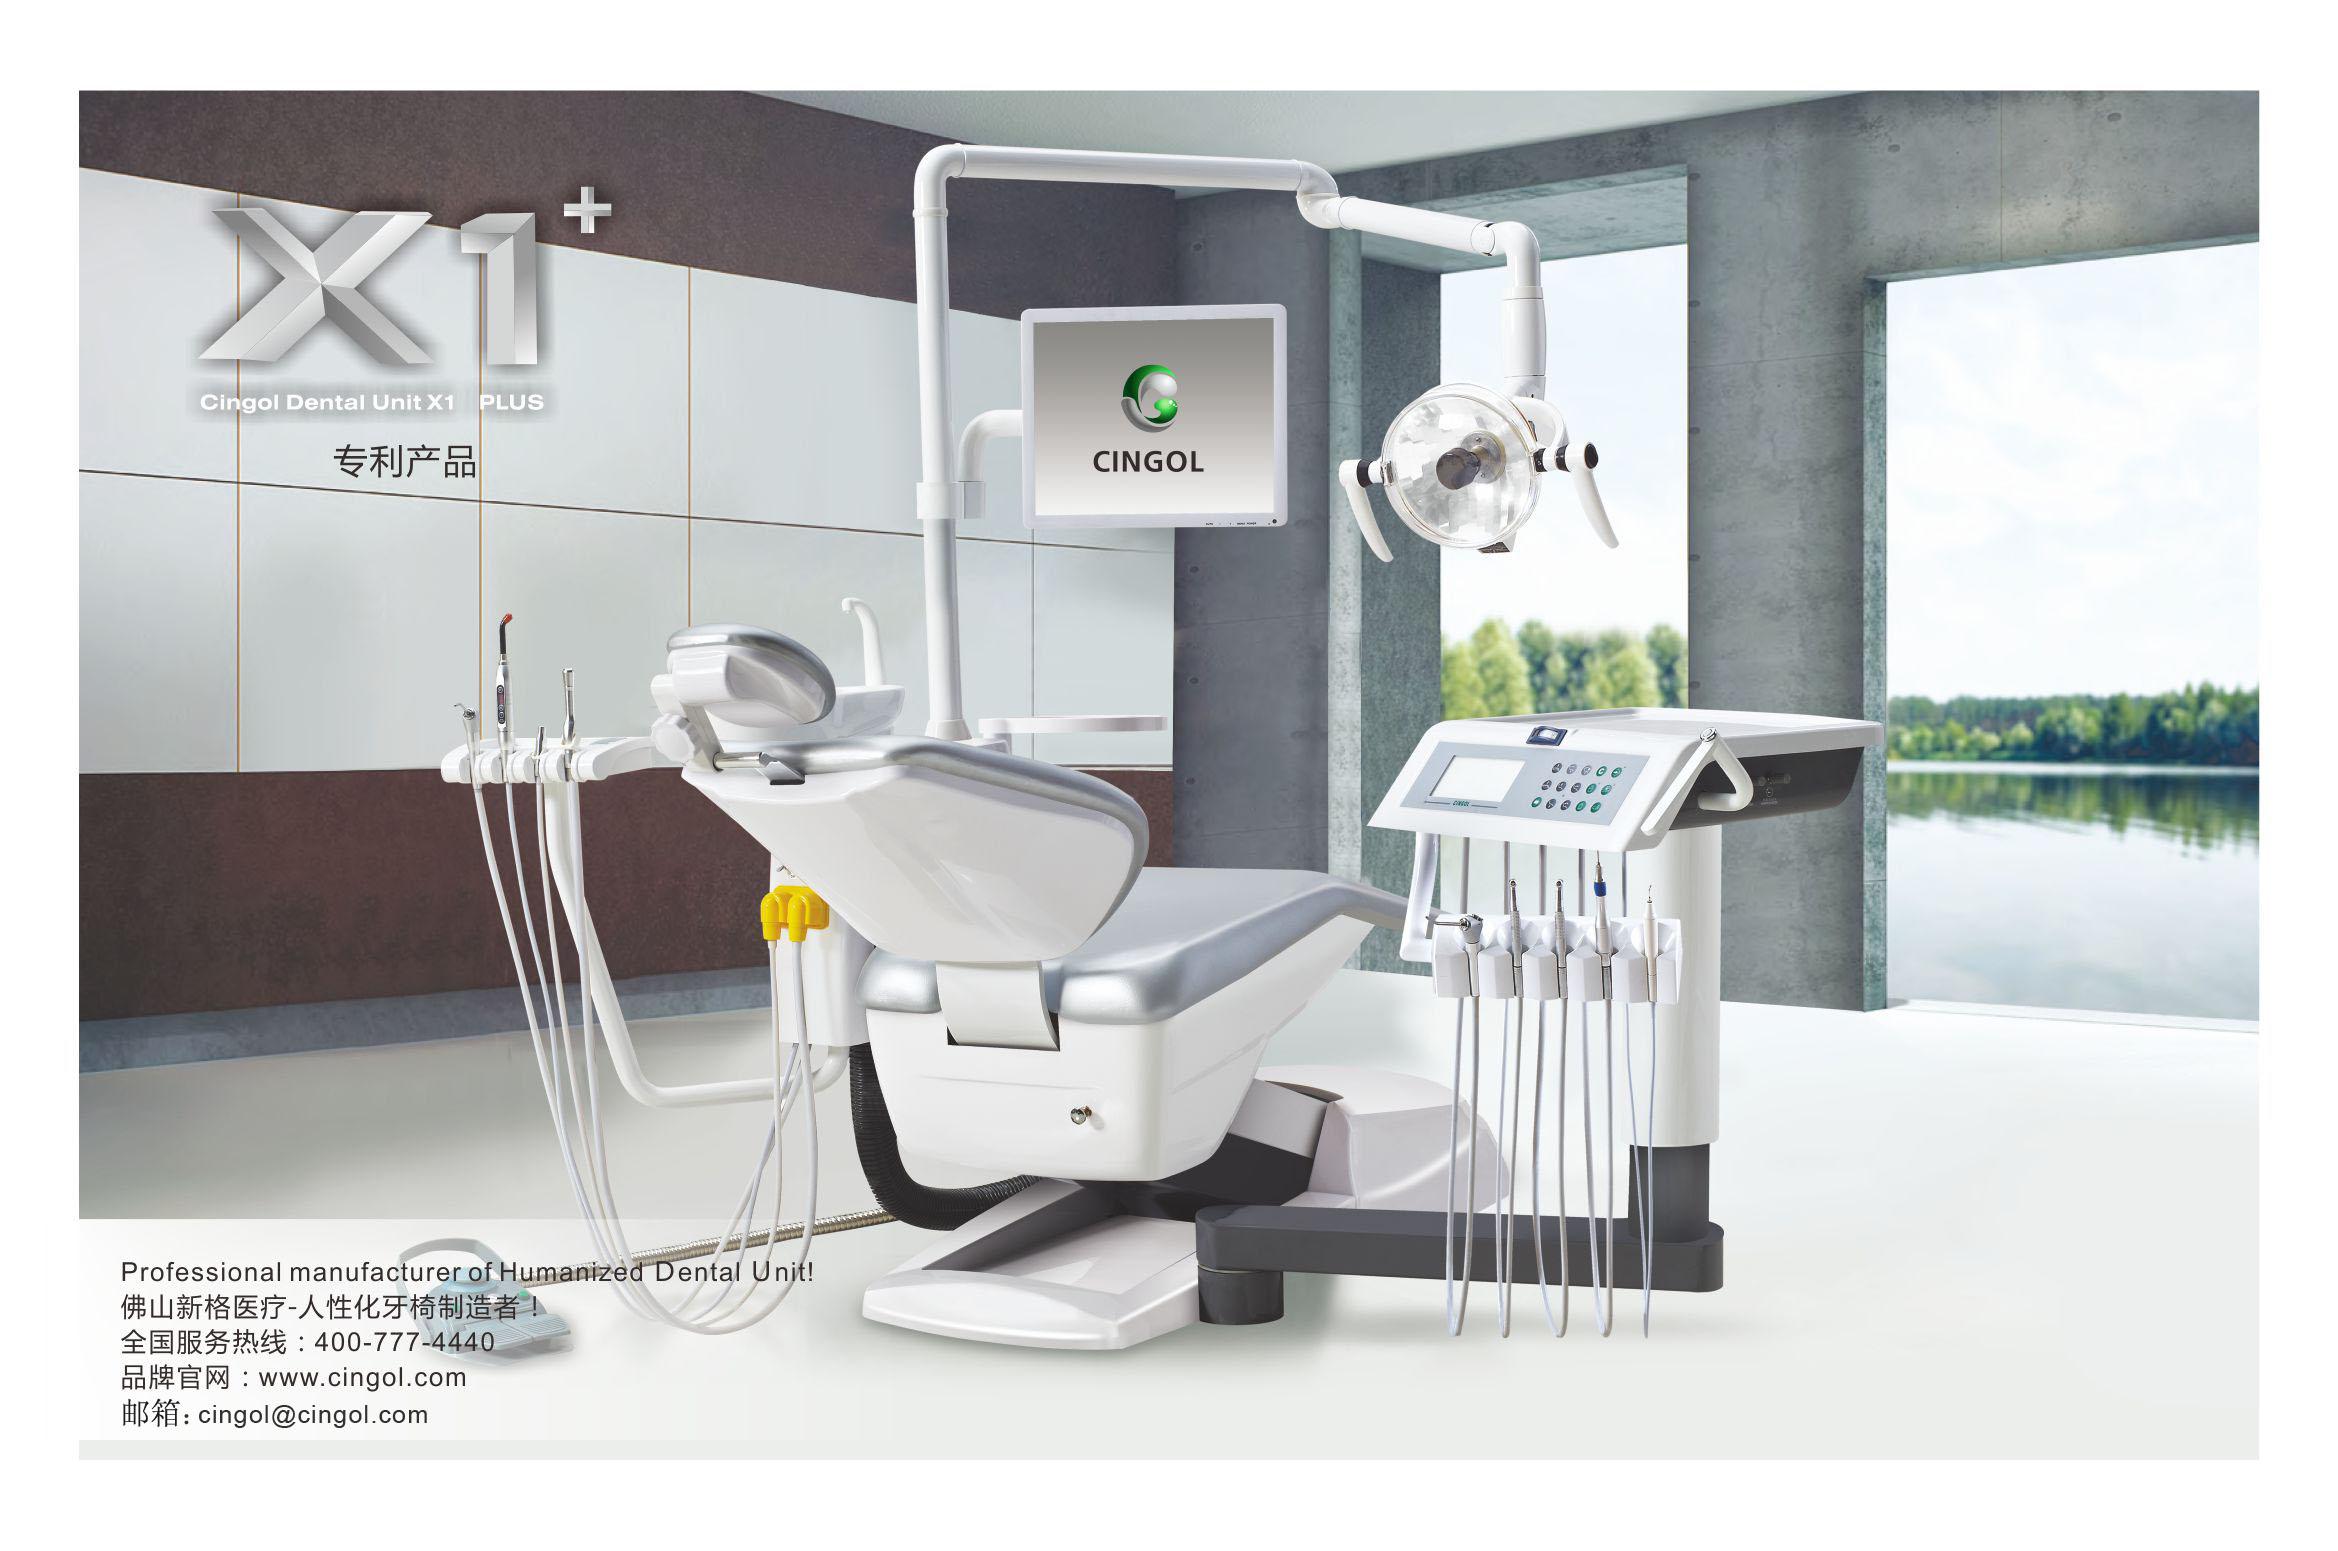 供应云浮新格口腔综合治疗椅X1+、新格医疗牙科综合治疗仪品牌、口腔综合治疗椅价格、牙科椅广东厂家